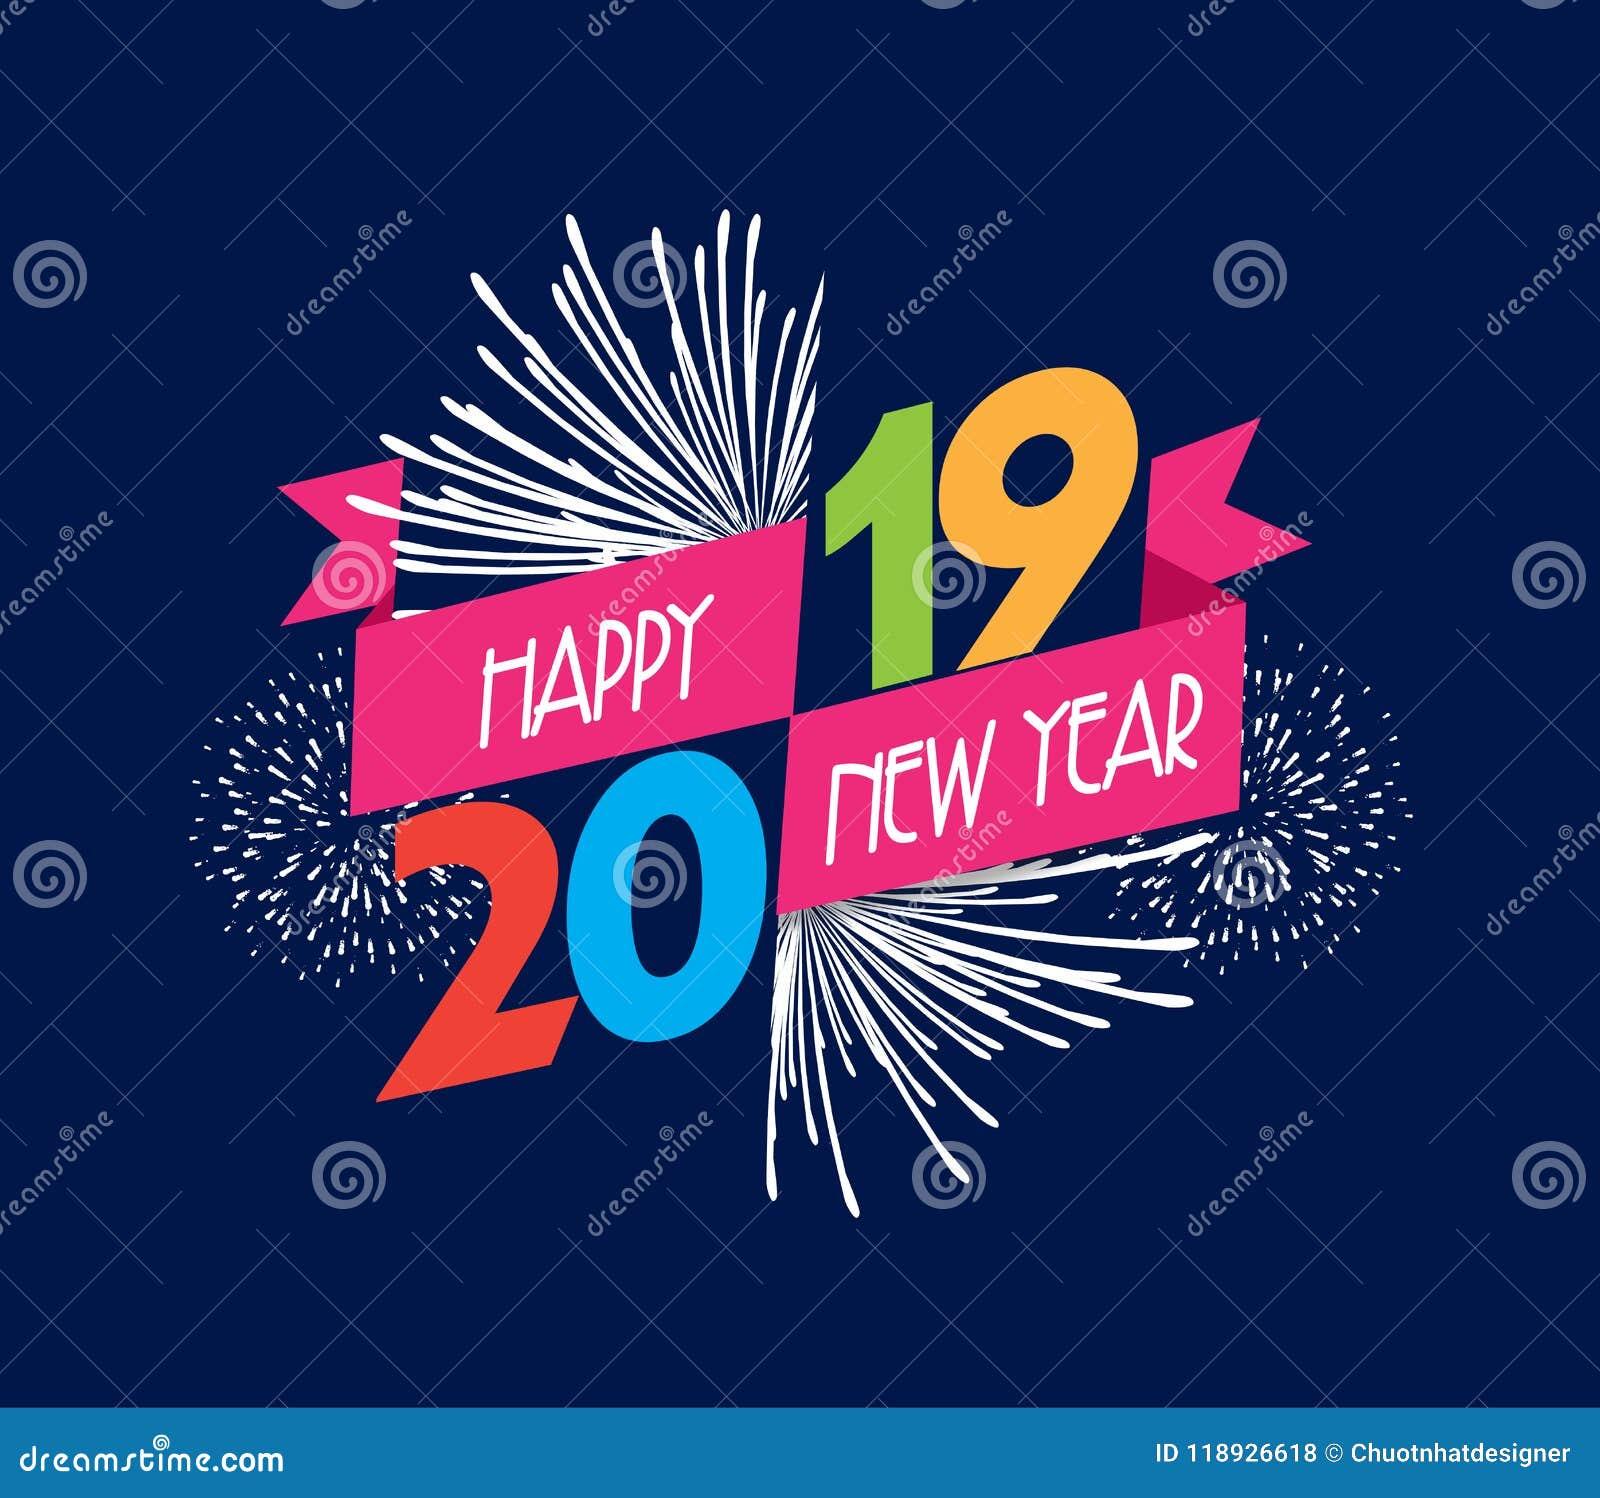 Vector illustratie van vuurwerk Gelukkige nieuwe jaar 2019 achtergrond